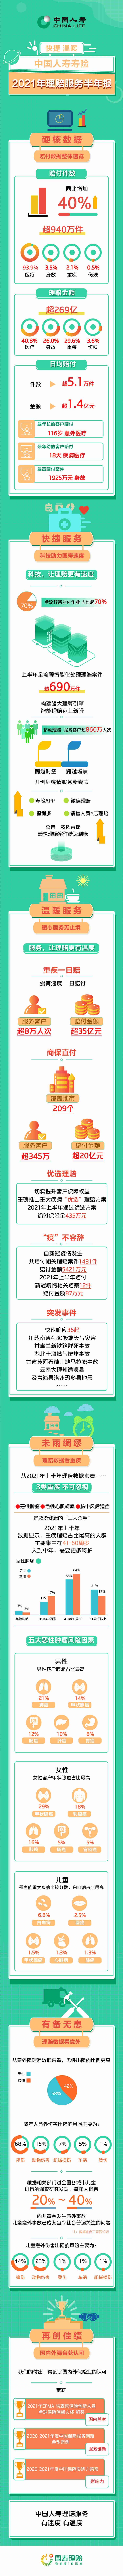 中国人寿发布2021年上半年理赔服务报告 赔付件数超940万件,全流程智能化理赔超70%